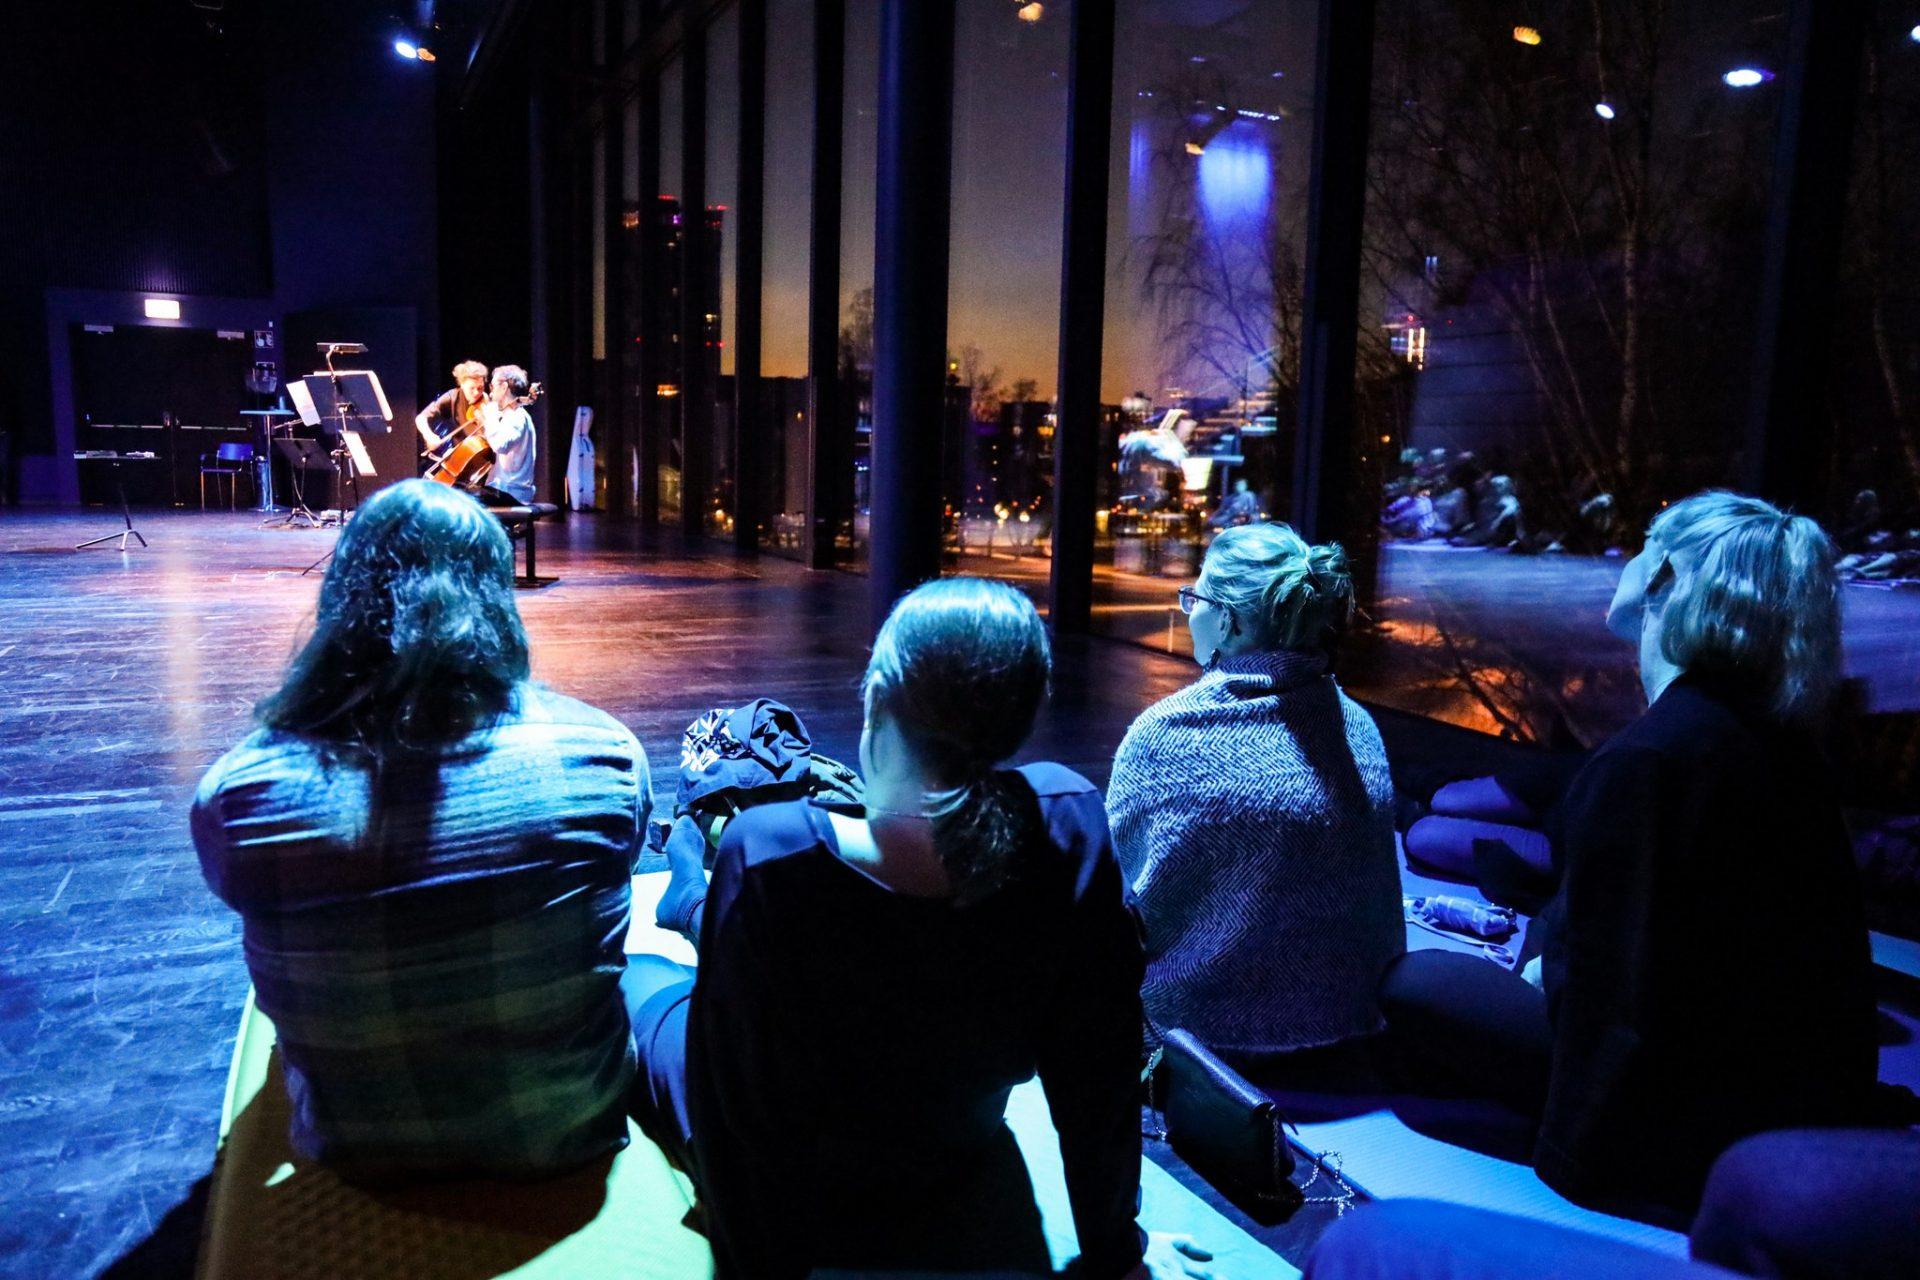 Yleisö istuu hämärän salin lattialla kuuntelemassa konserttia. Salissa on lasiset seinät, joista näkyy ulos talviseen Sorsapuistoon.